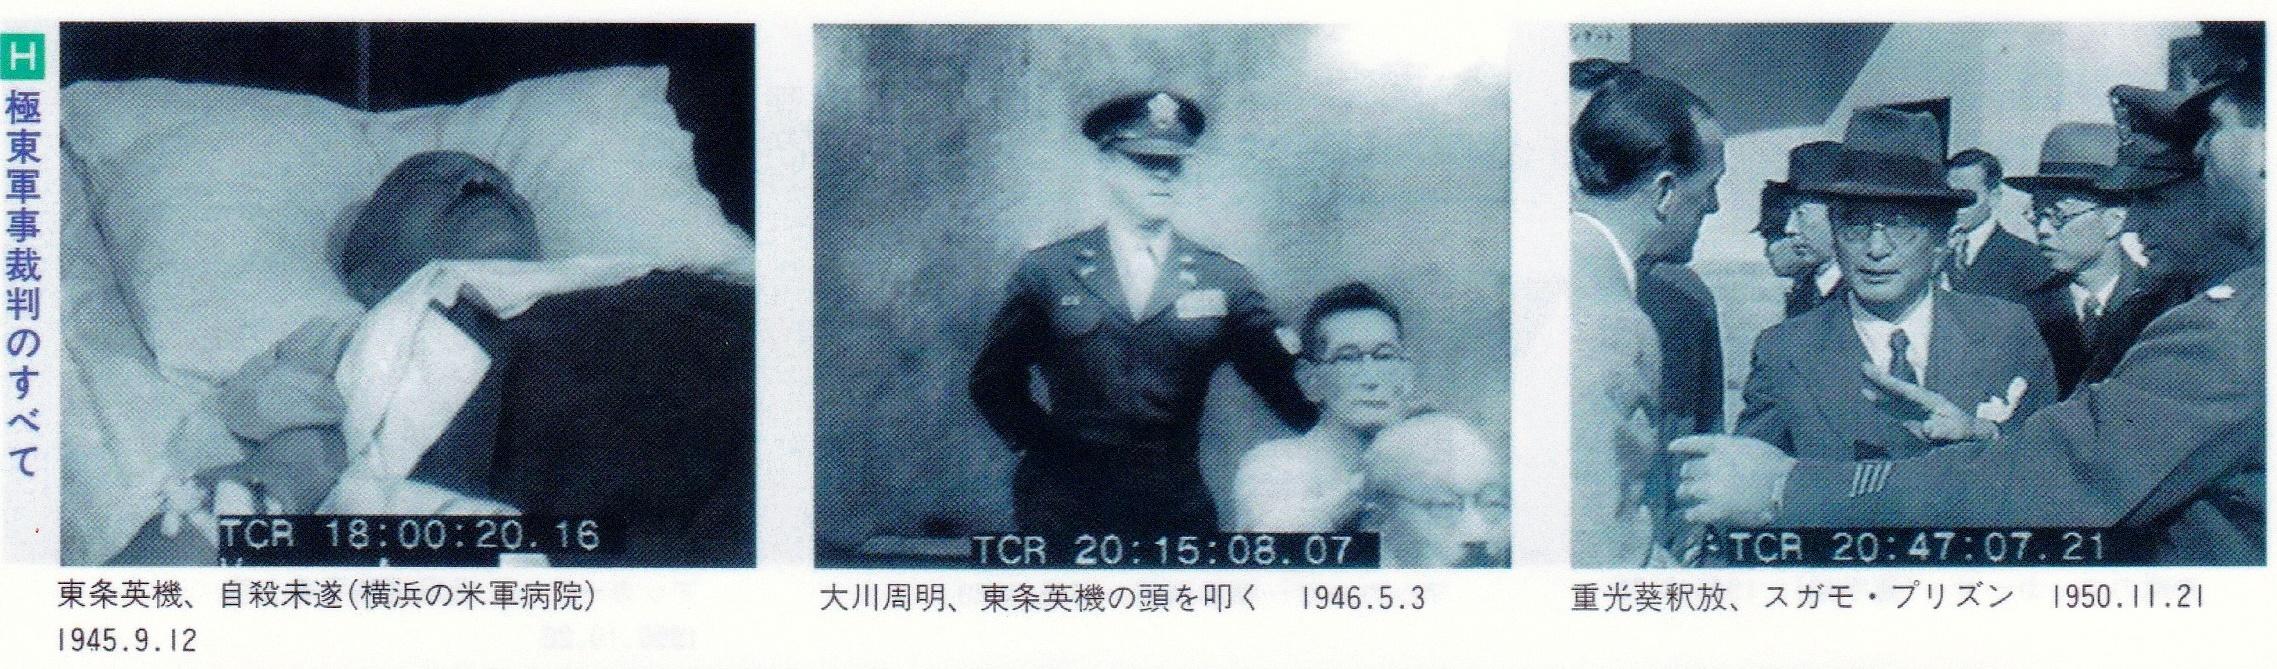 戦犯裁判写真3枚